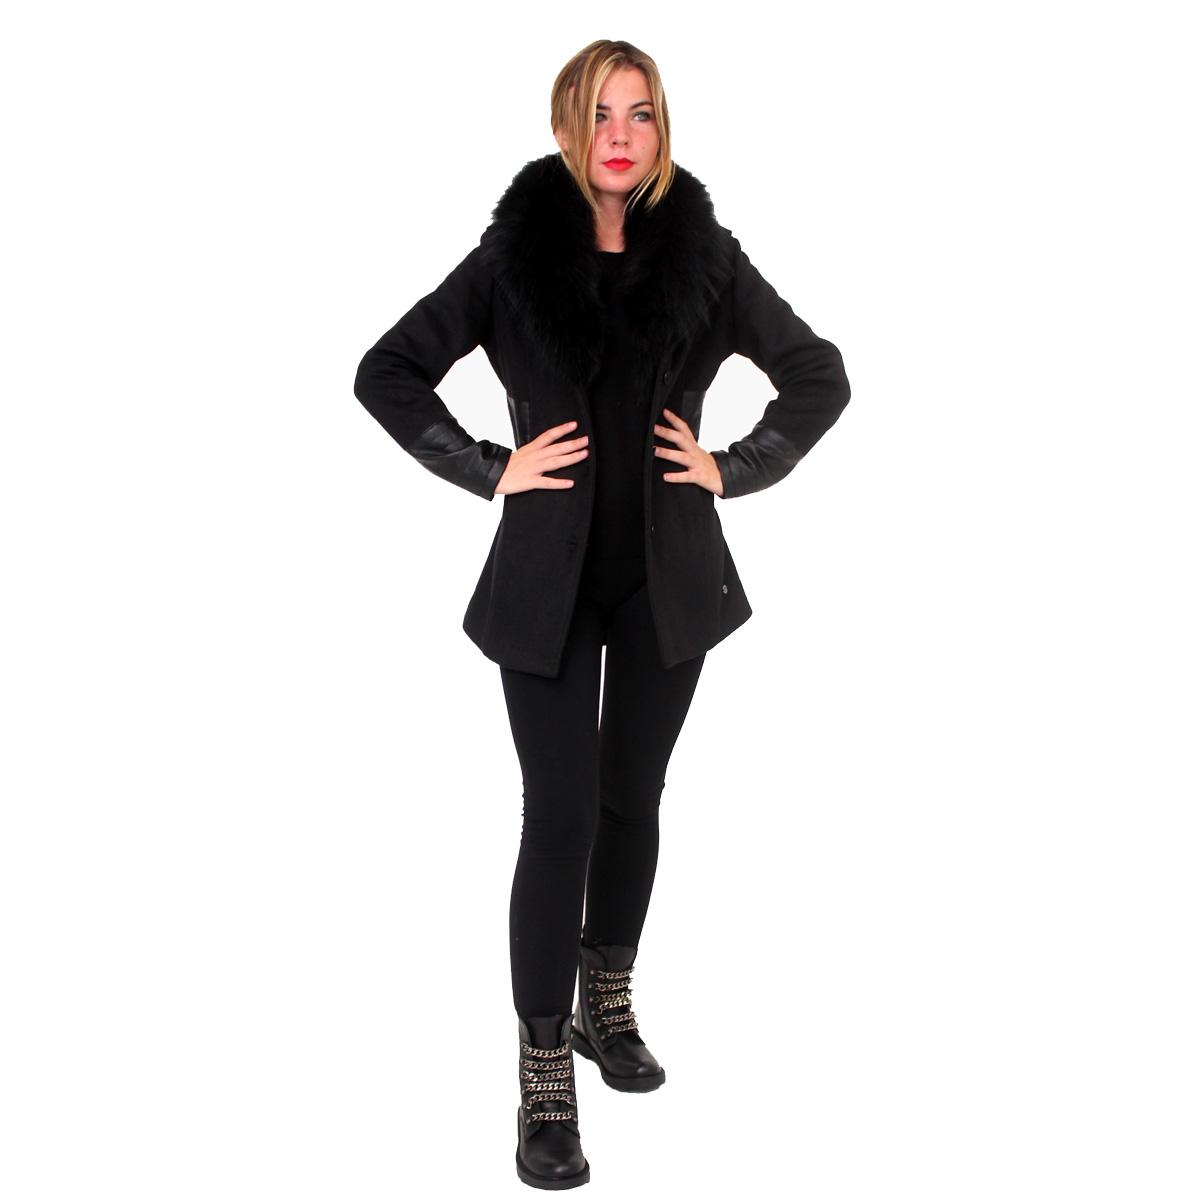 Cappotto con pelo e ecopelle FRACOMINA abbigliamento firmato donna  accessori firmati emilia romagna ingrosso vendita abbigliamento f95c00dcb85